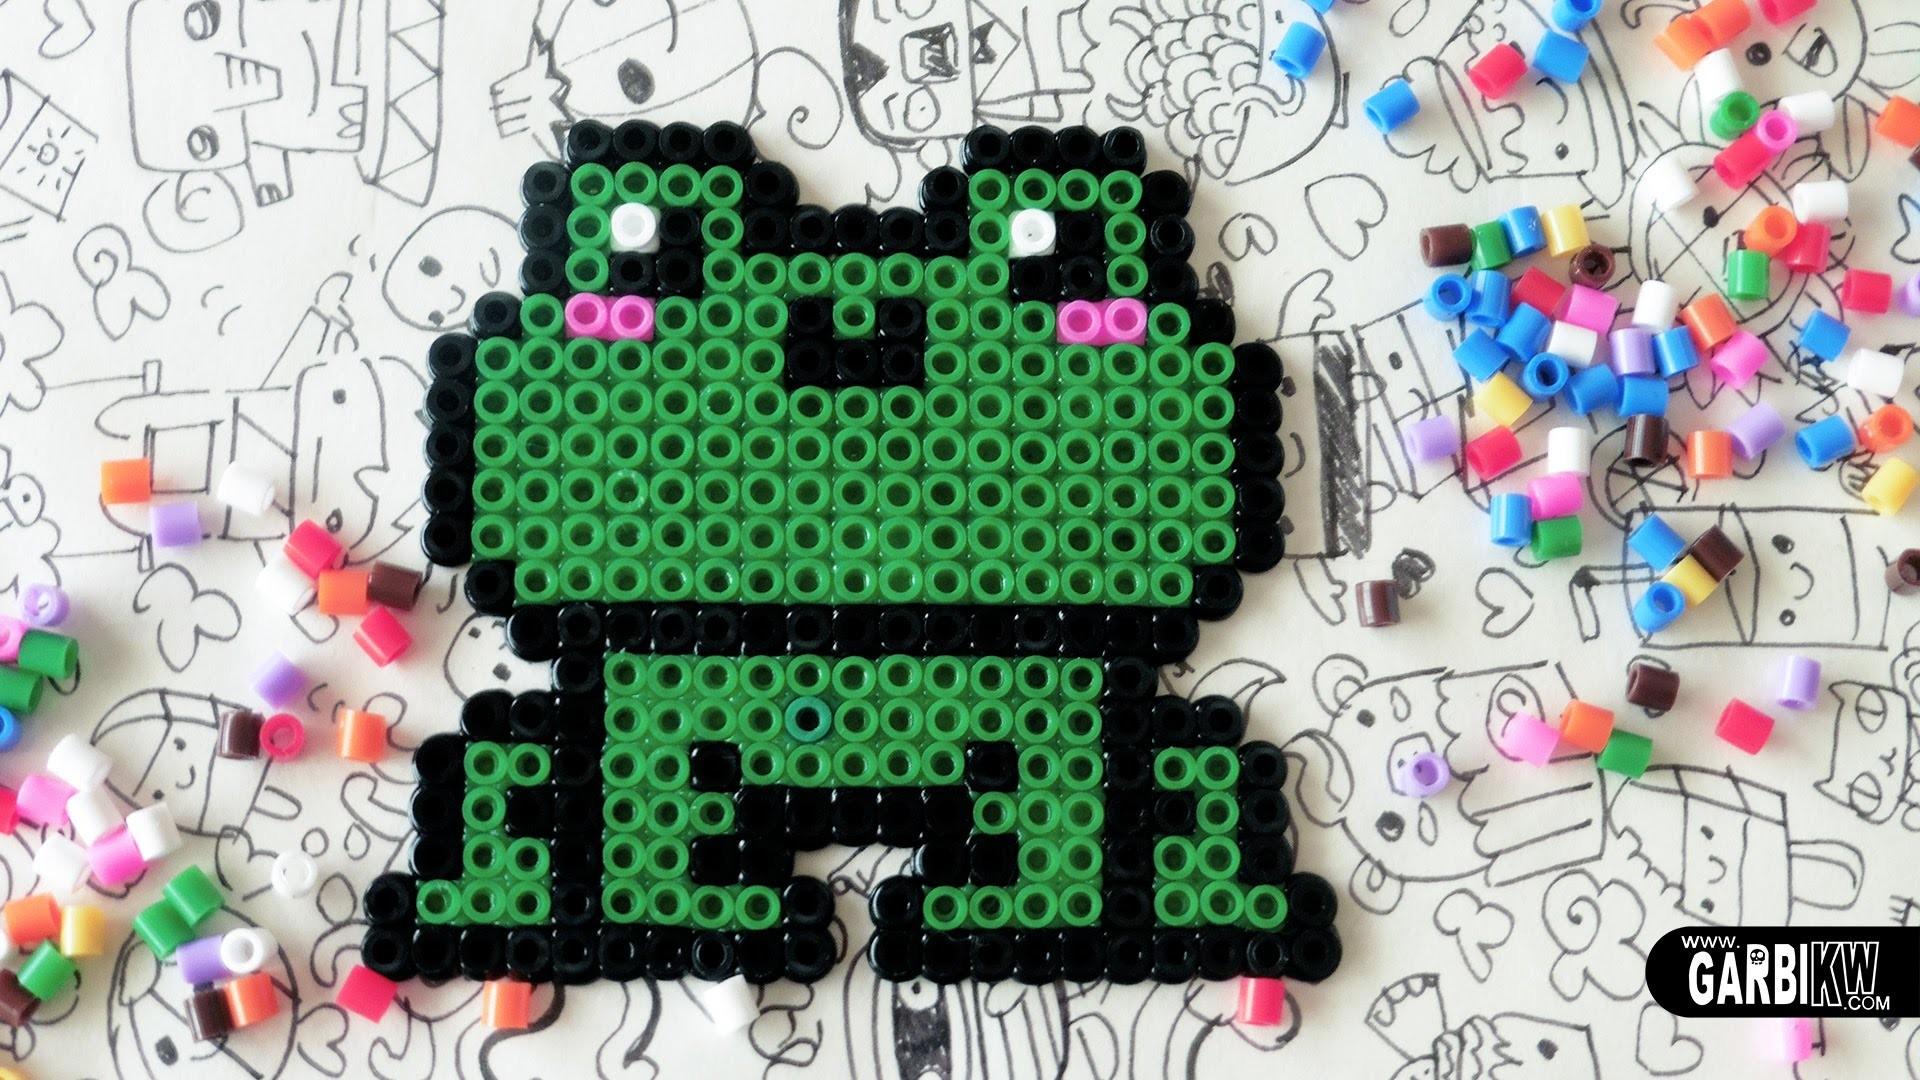 Kawaii Frog - Hama Beads Designs by Garbi KW #pixelart